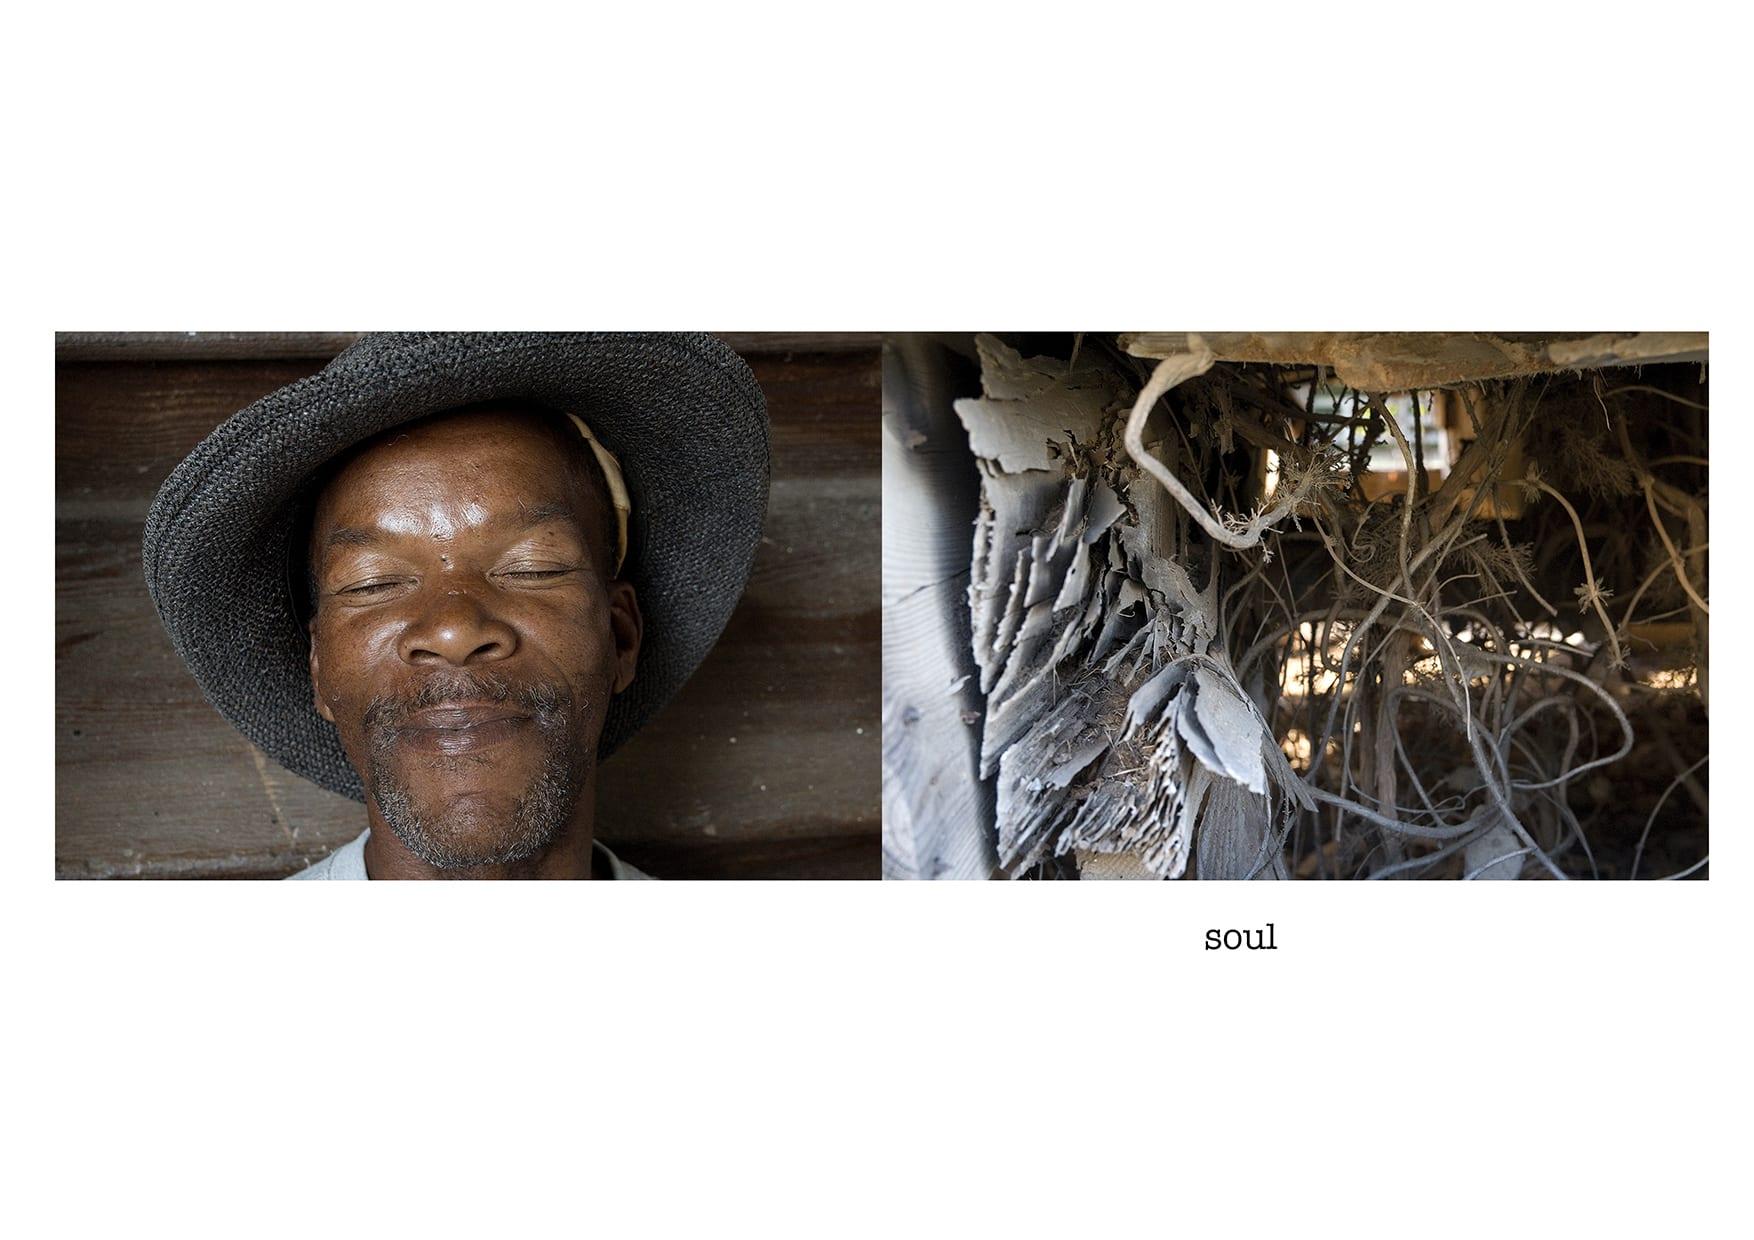 05-soul-unbrokenm-bchauvin